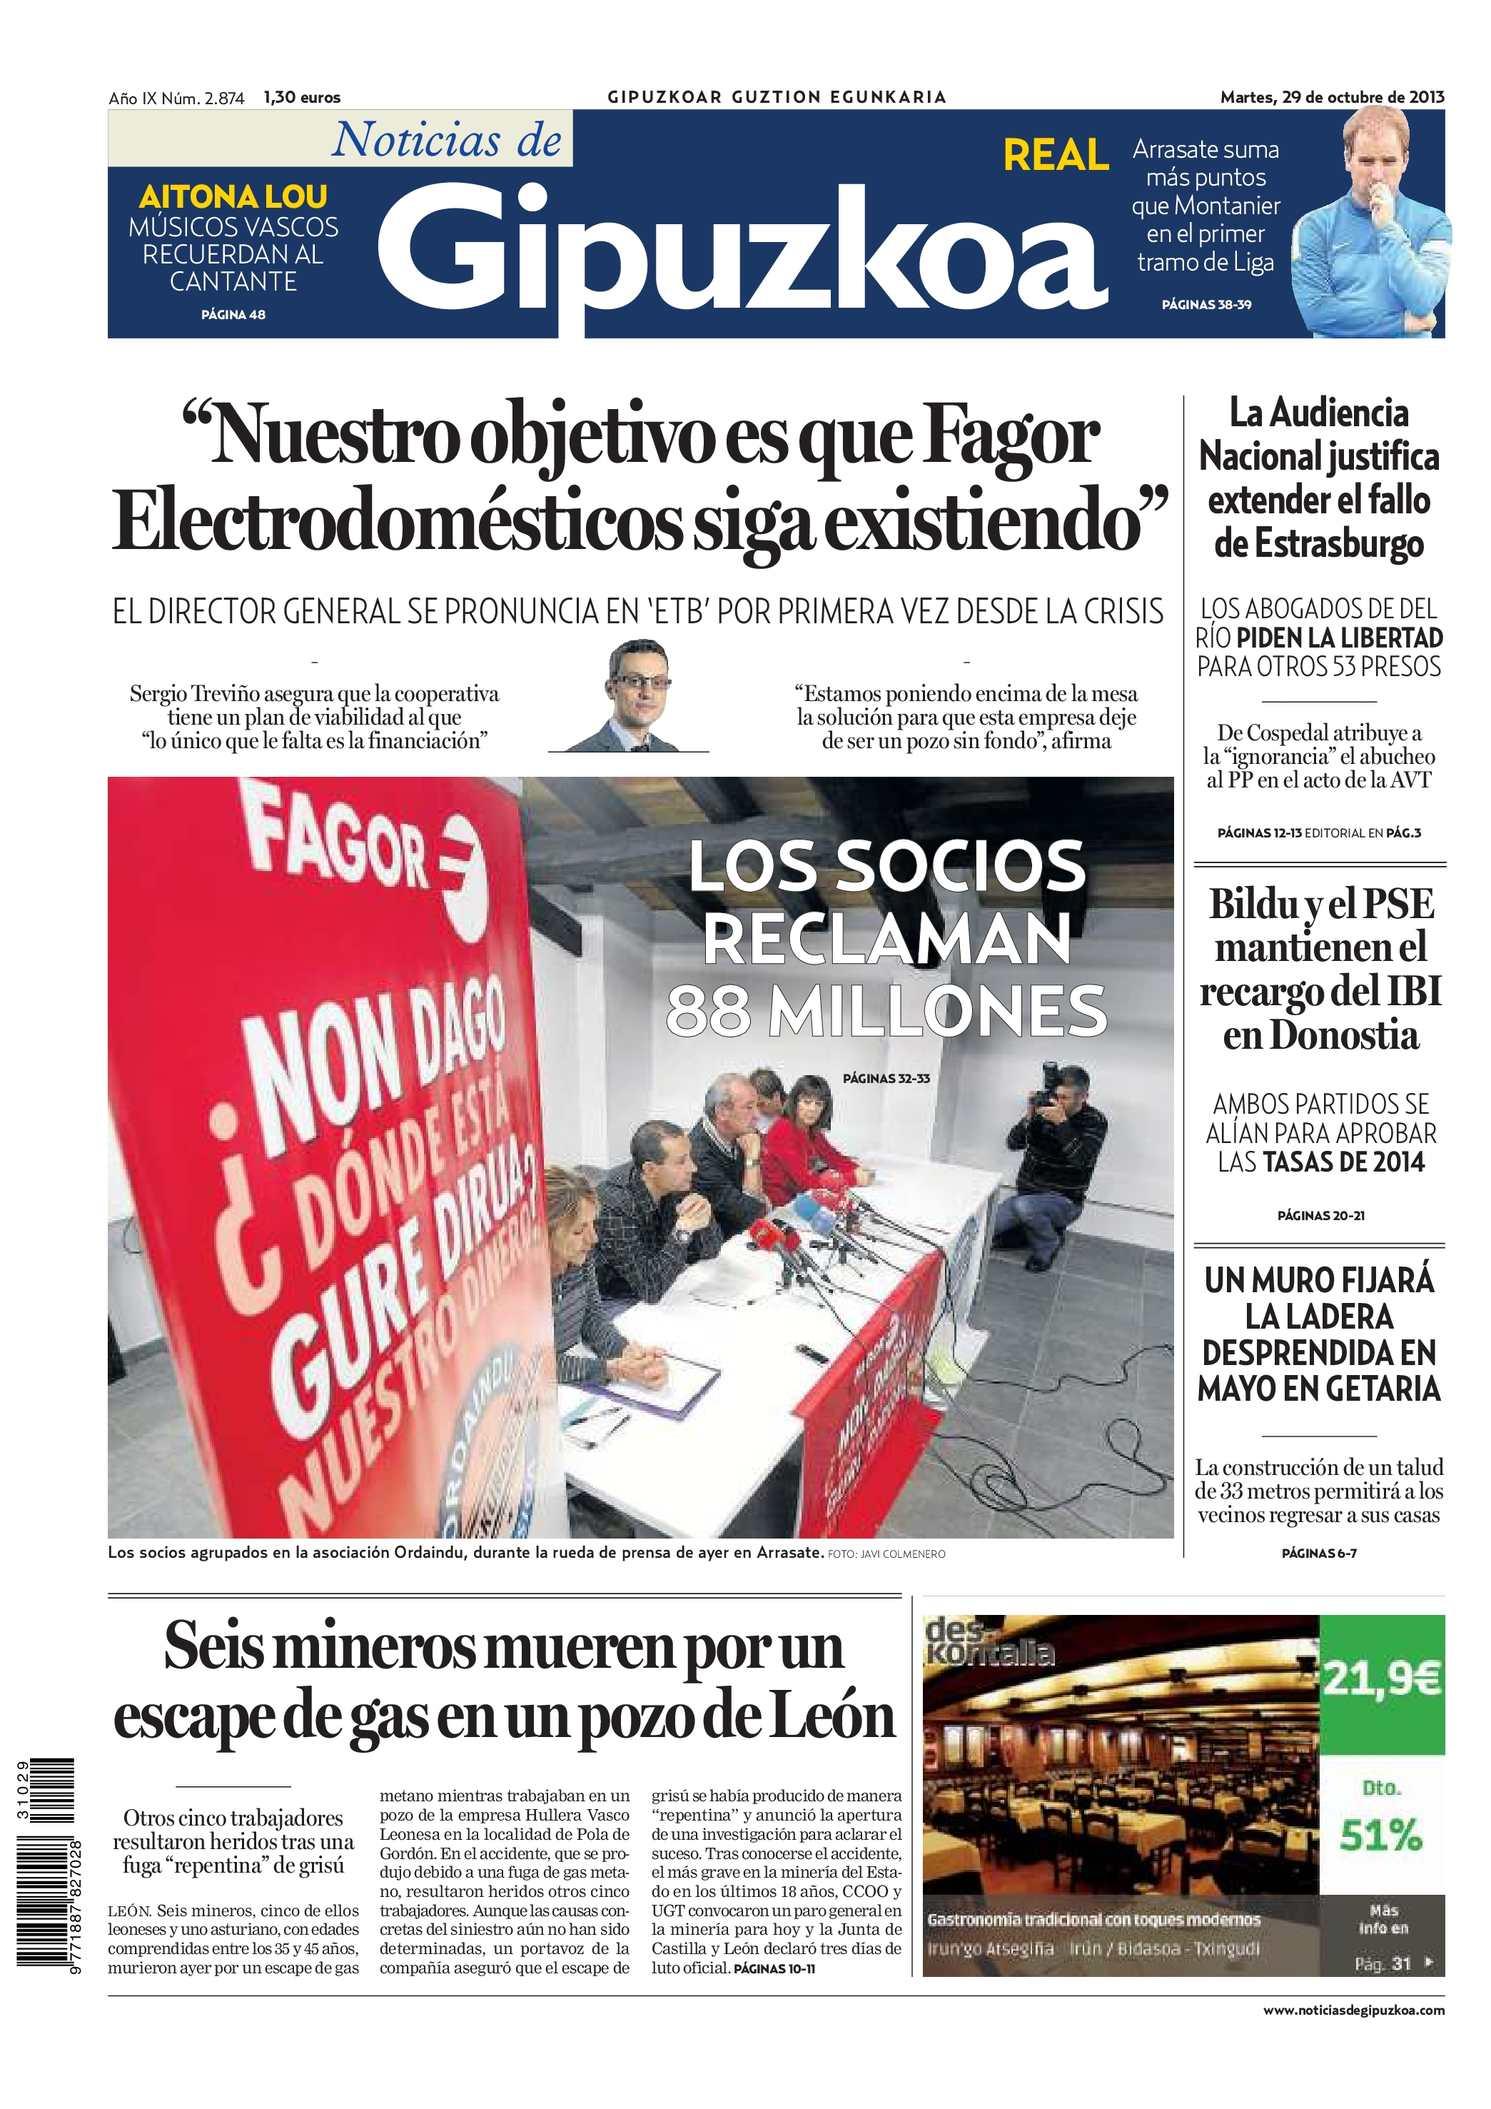 Ainhoa Madrid David Moreno Porno calaméo - noticias de gipuzkoa 20131029